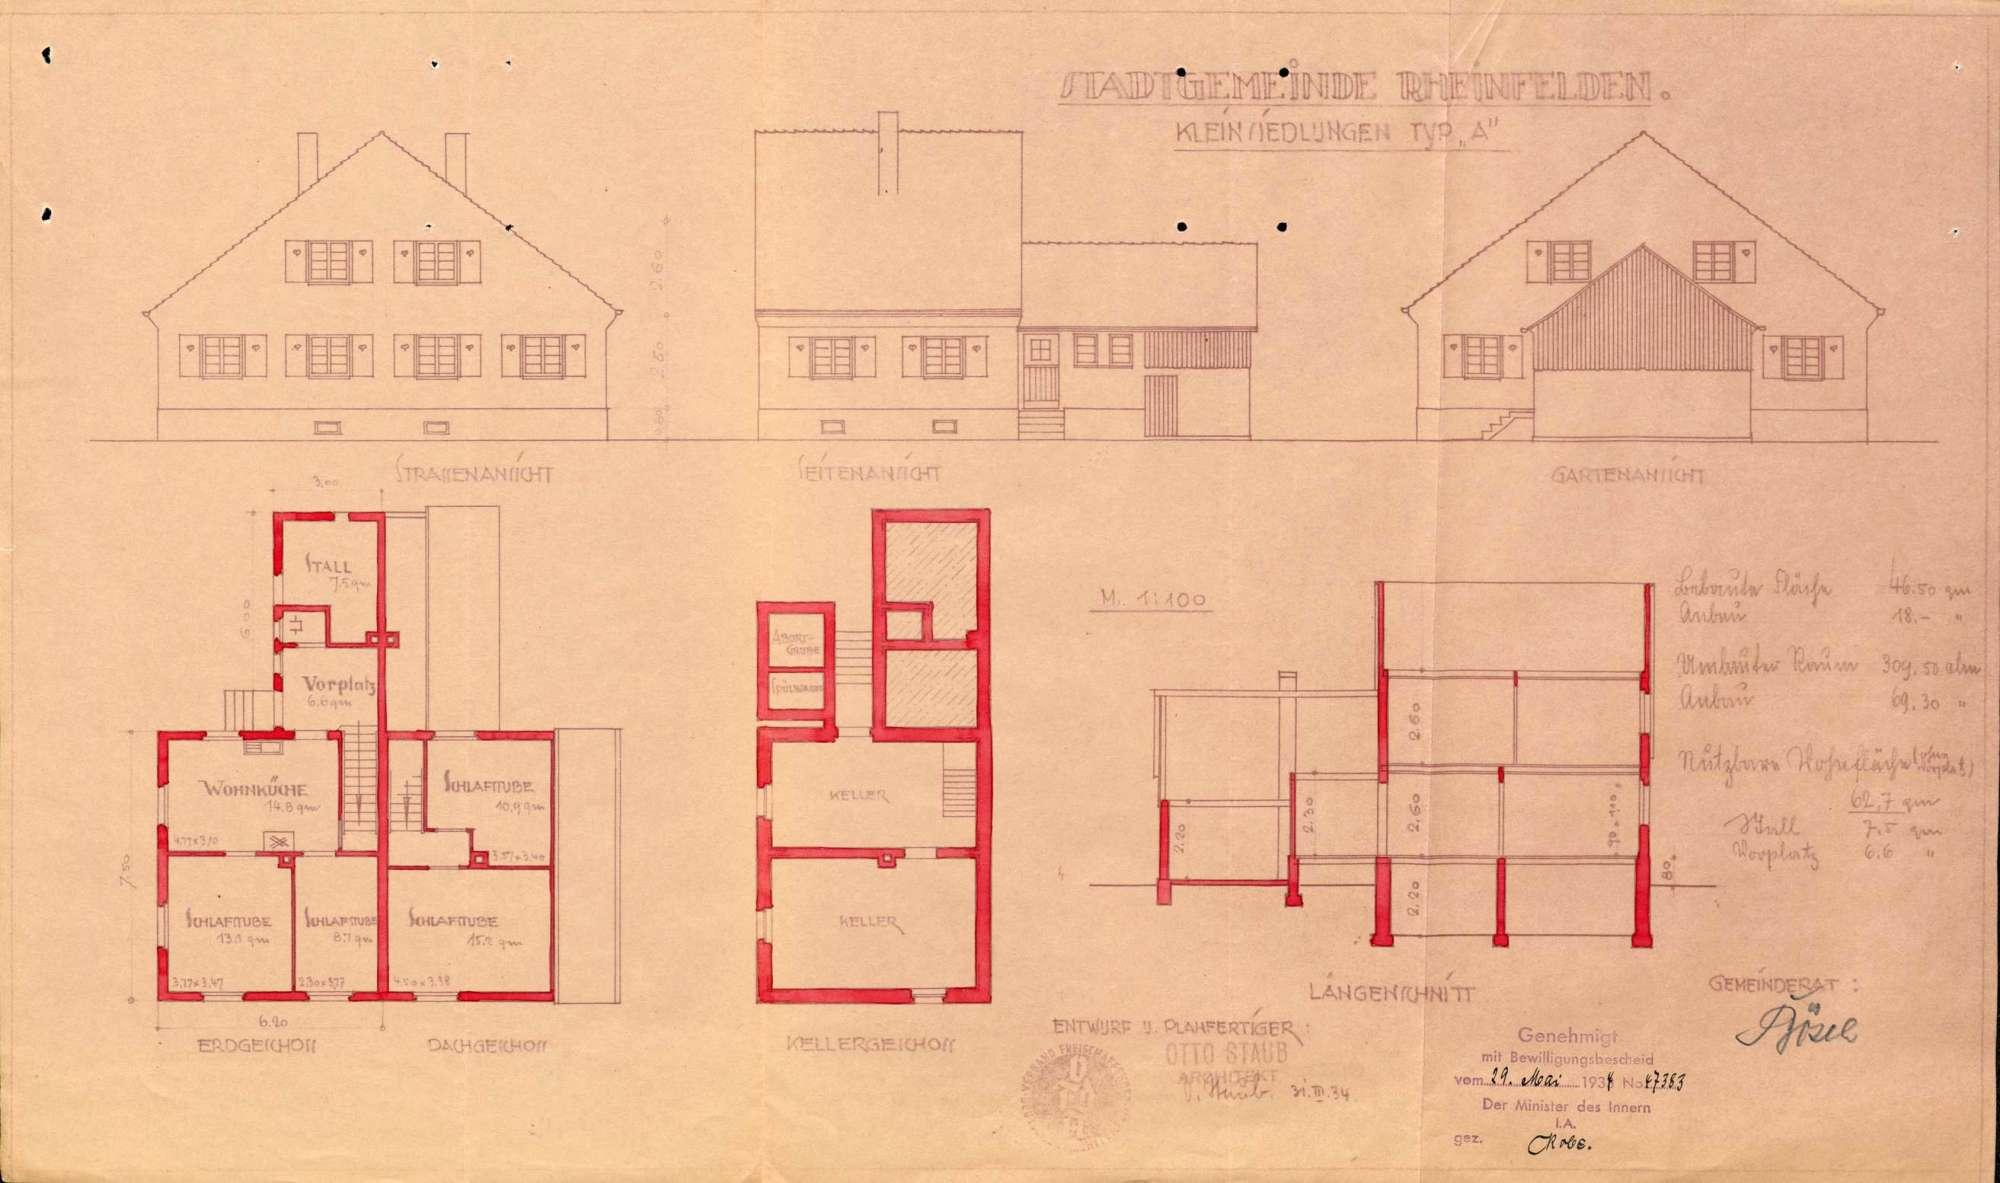 Errichtung einer vorstädtischen Kleinsiedlung durch die Stadtgemeinde Rheinfelden (Baden), Bild 3